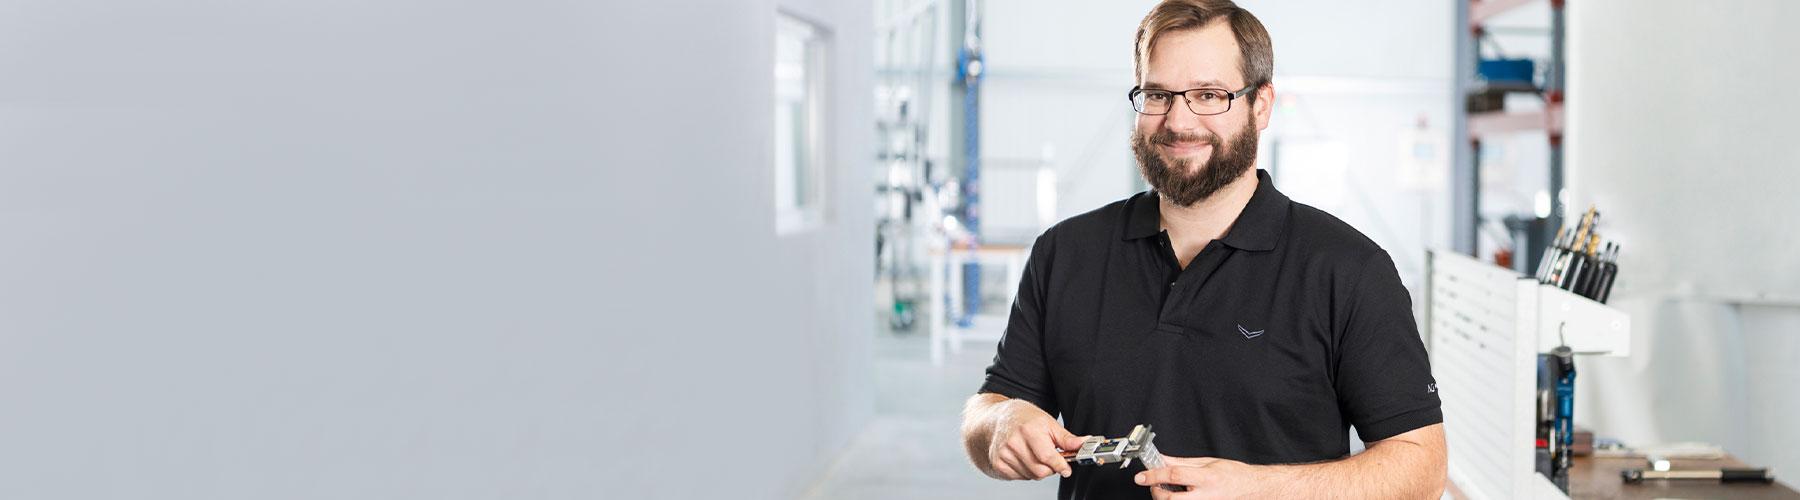 Qualitätssicherung Bauteile nach Maß CAD CNC Fräsen und Drehen Stuttgart